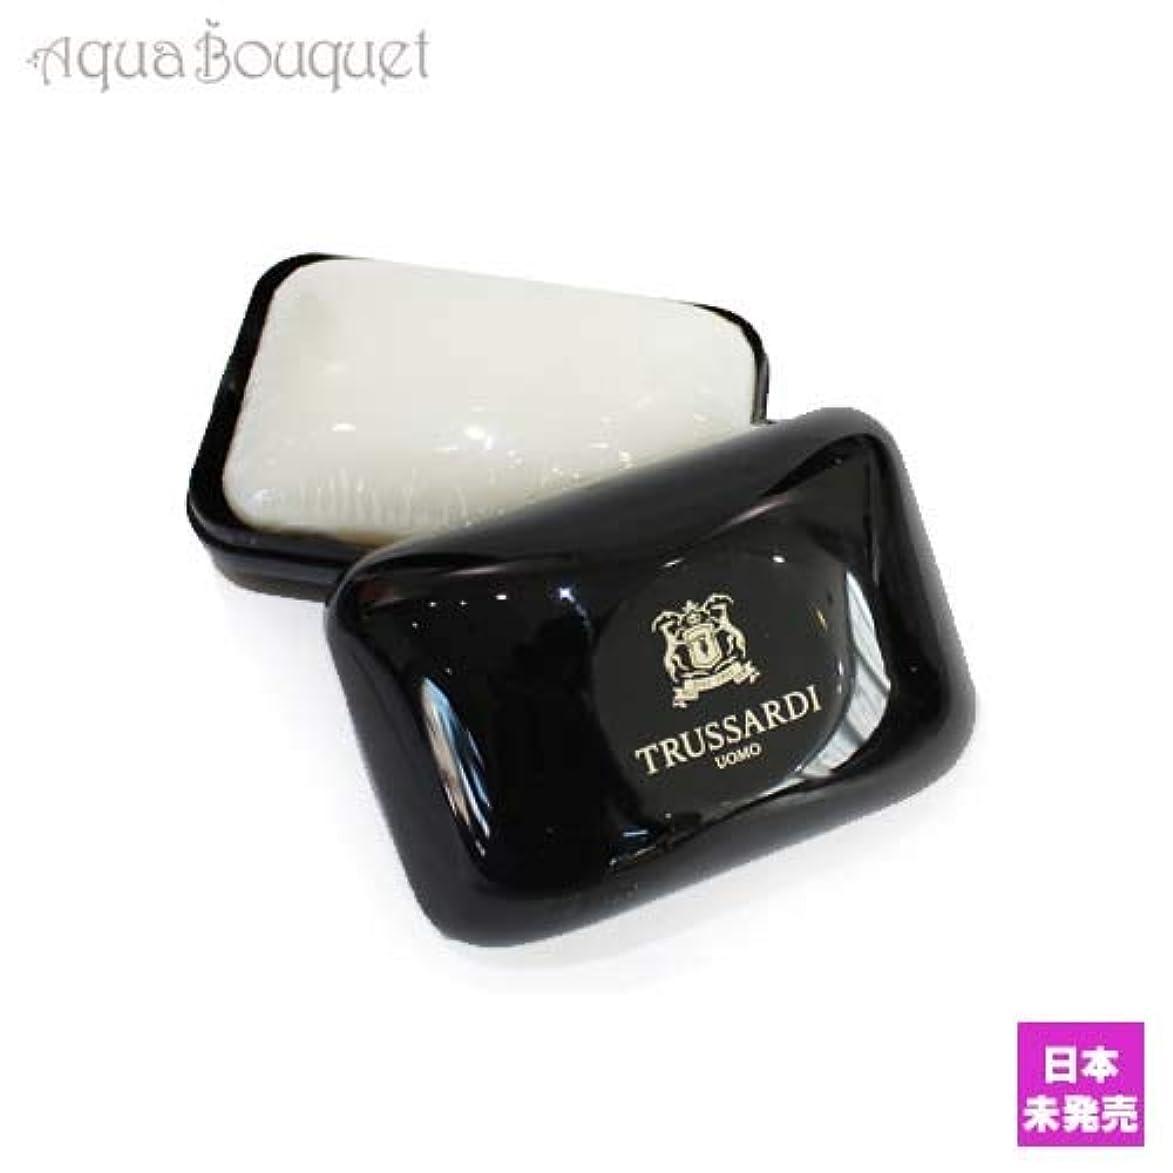 ずっとハプニングれるトラサルディ ウォモ ソープ 100g(ケース付き)TRUSSARDI UOMO SOAP [7216] [並行輸入品]